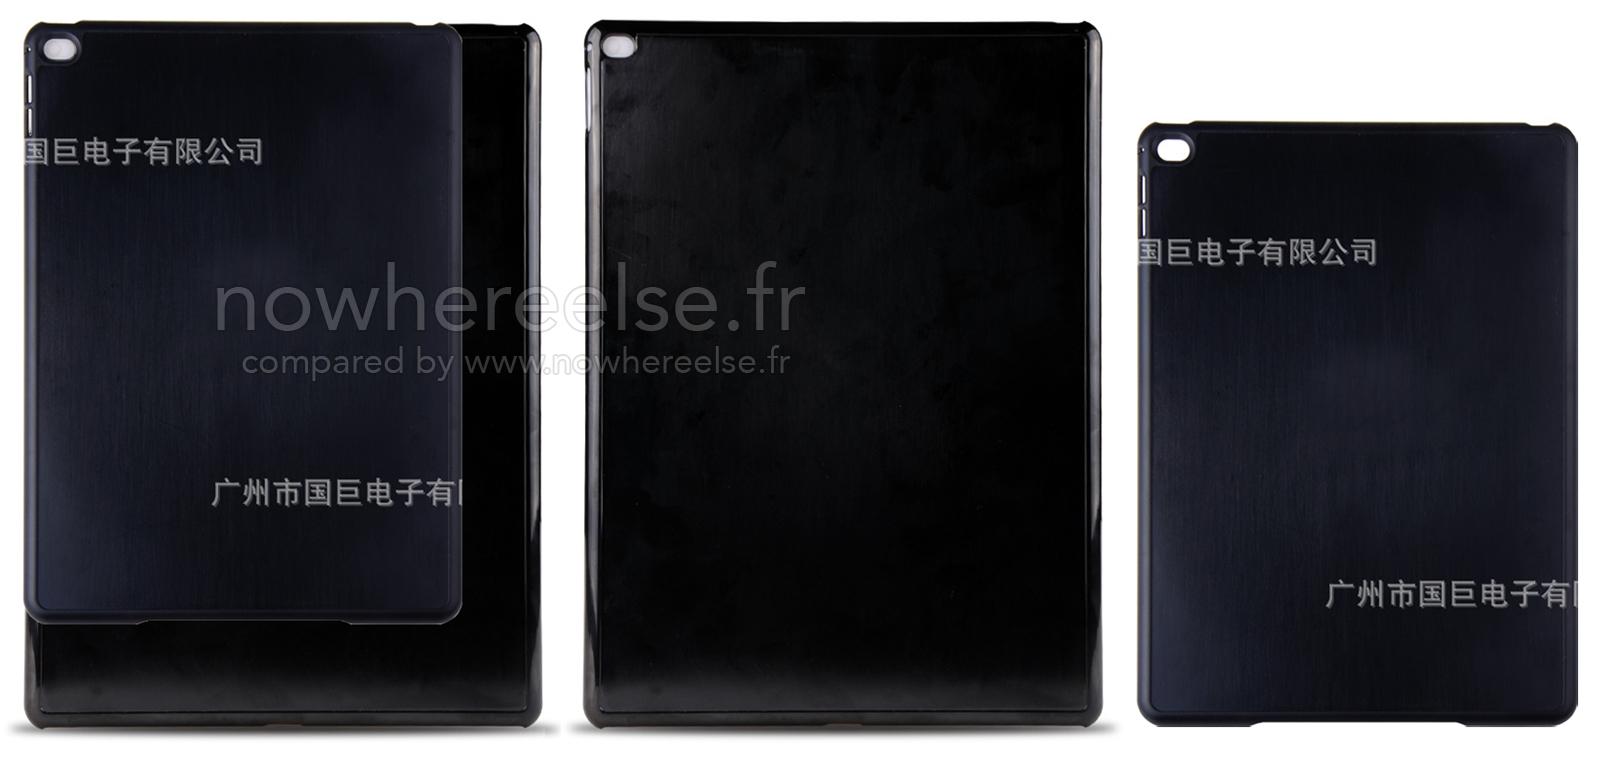 coque ipadairplus 2 Pas encore de tablette iPad Air Plus mais déjà des accessoires !